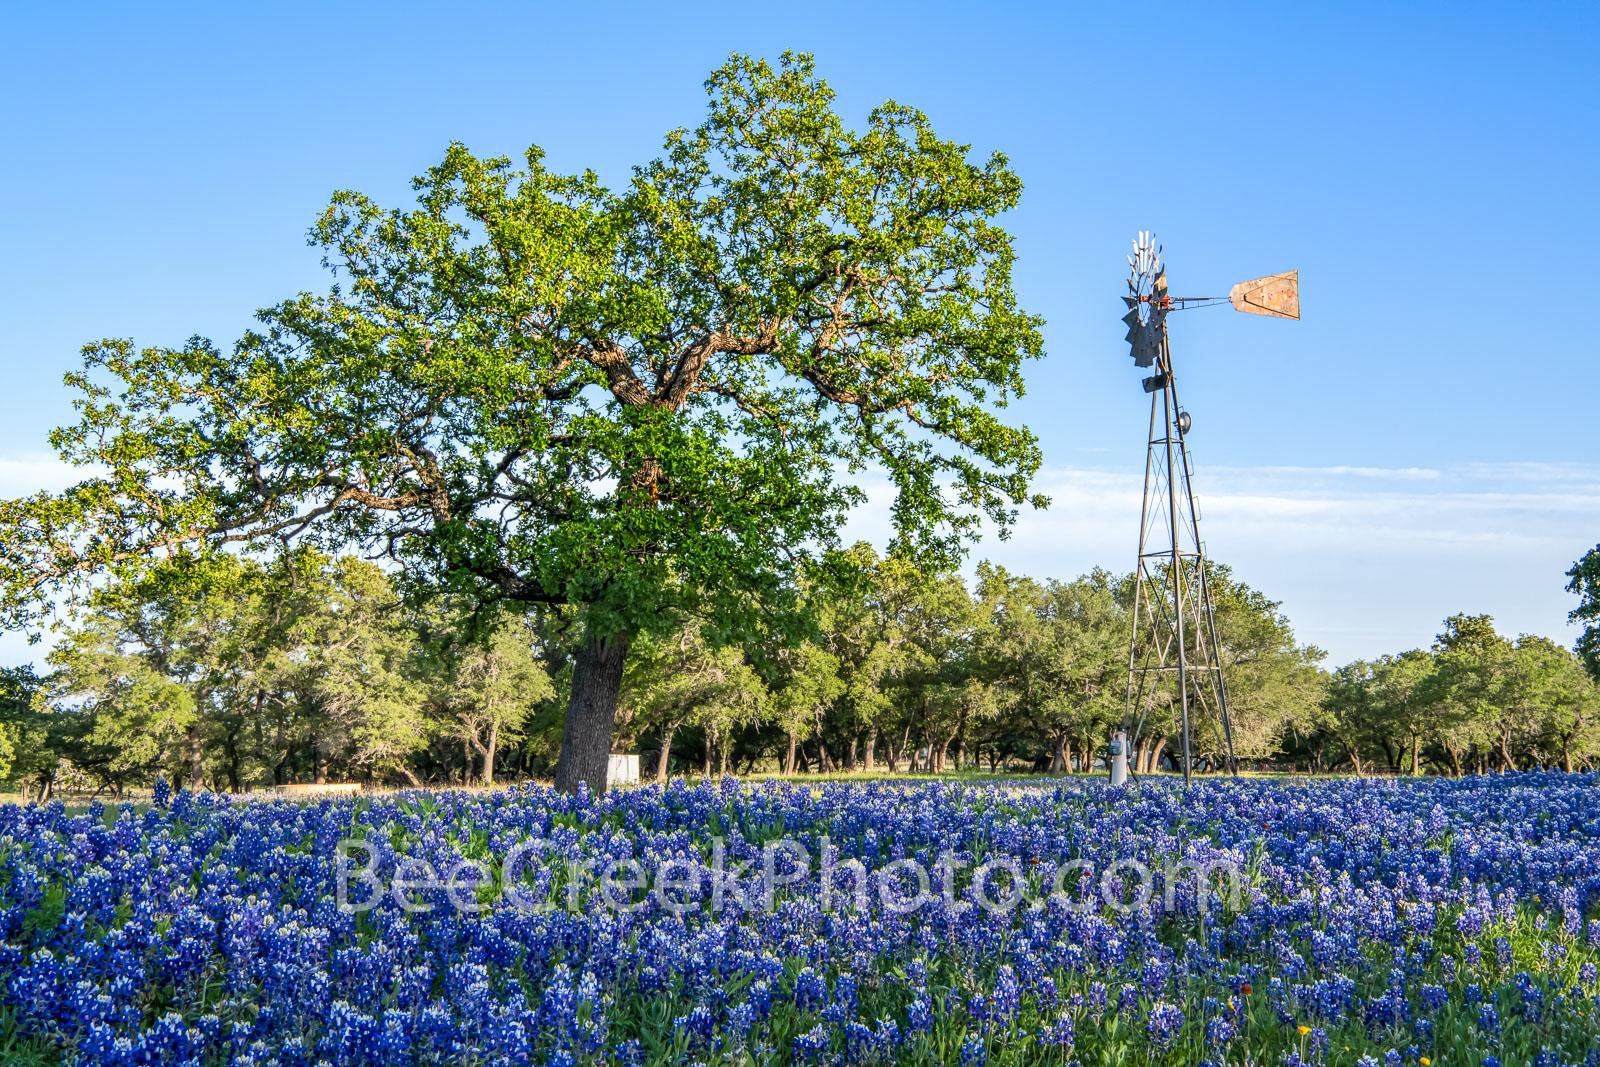 texas windmill, bluebonnets, texas bluebonnets, texas wildflowers, blue bonnets, texas scenery, texas landscape, windmills in texas, texas wildflower landscape, texas hill country, hill country, lupin, Texas Windmill and Bluebonnets